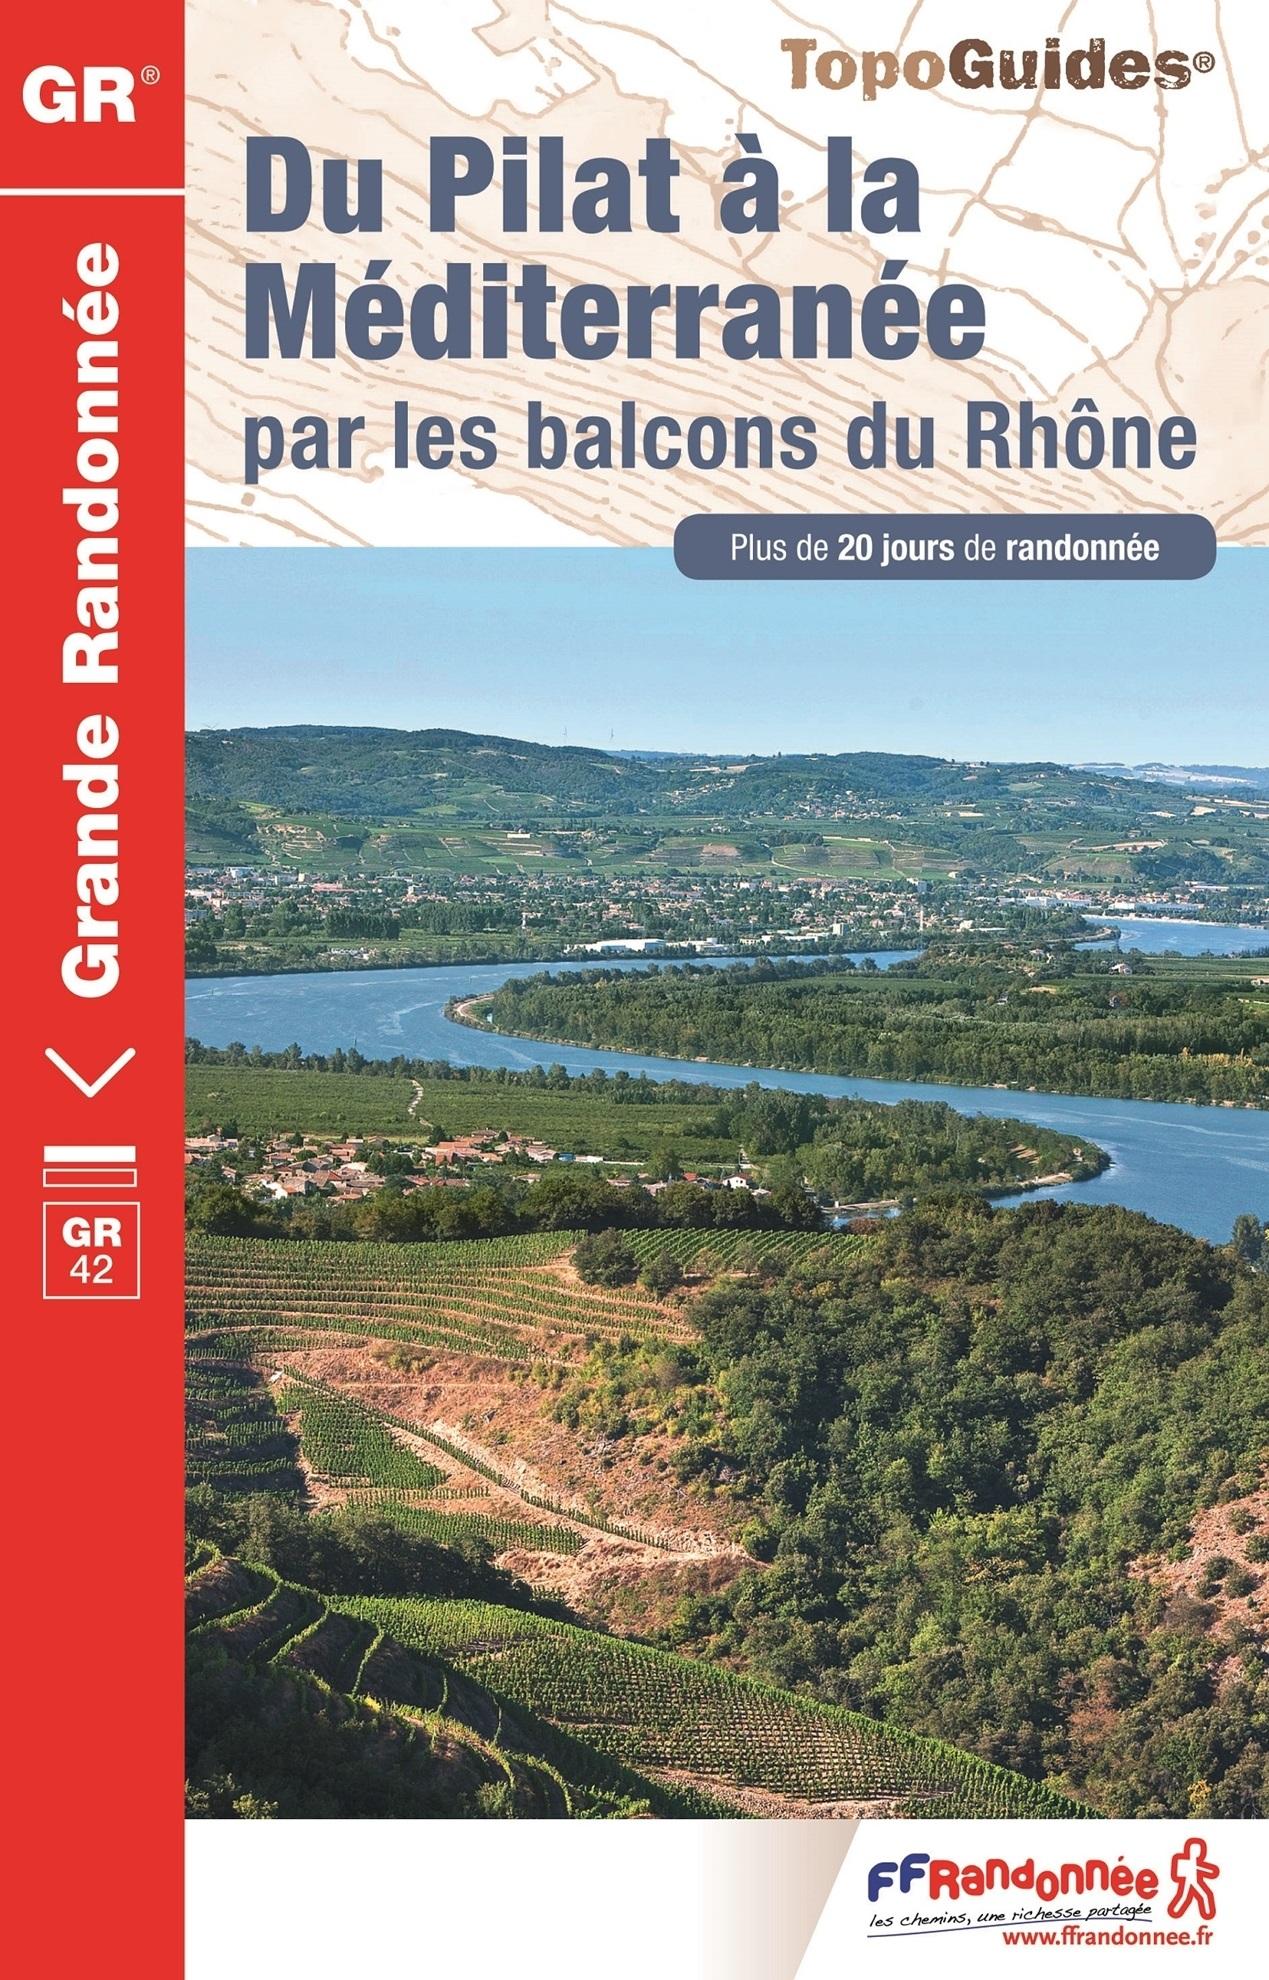 TG411 du Pilat à la Méditerranée | wandelgids GR-42 9782751408588  FFRP Topoguides  Meerdaagse wandelroutes, Wandelgidsen Rhône, Franse Alpen, Corsica